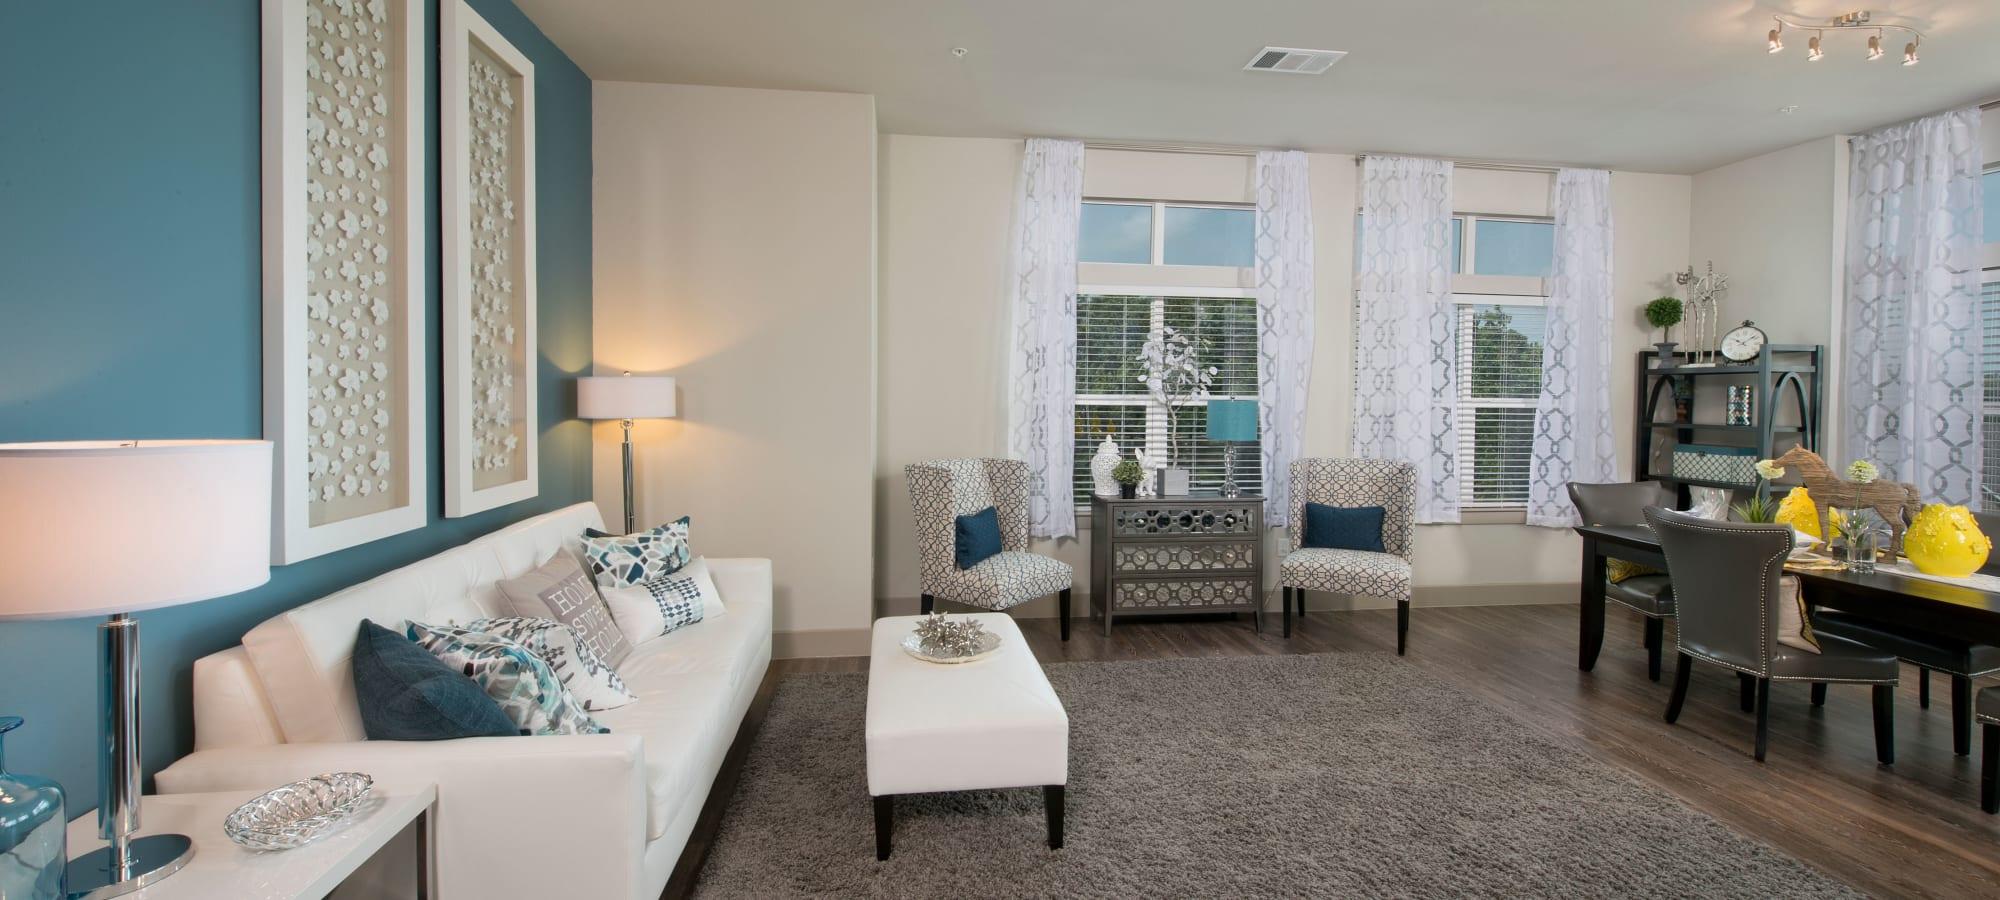 Houston, Texas apartments at Vargos on the Lake